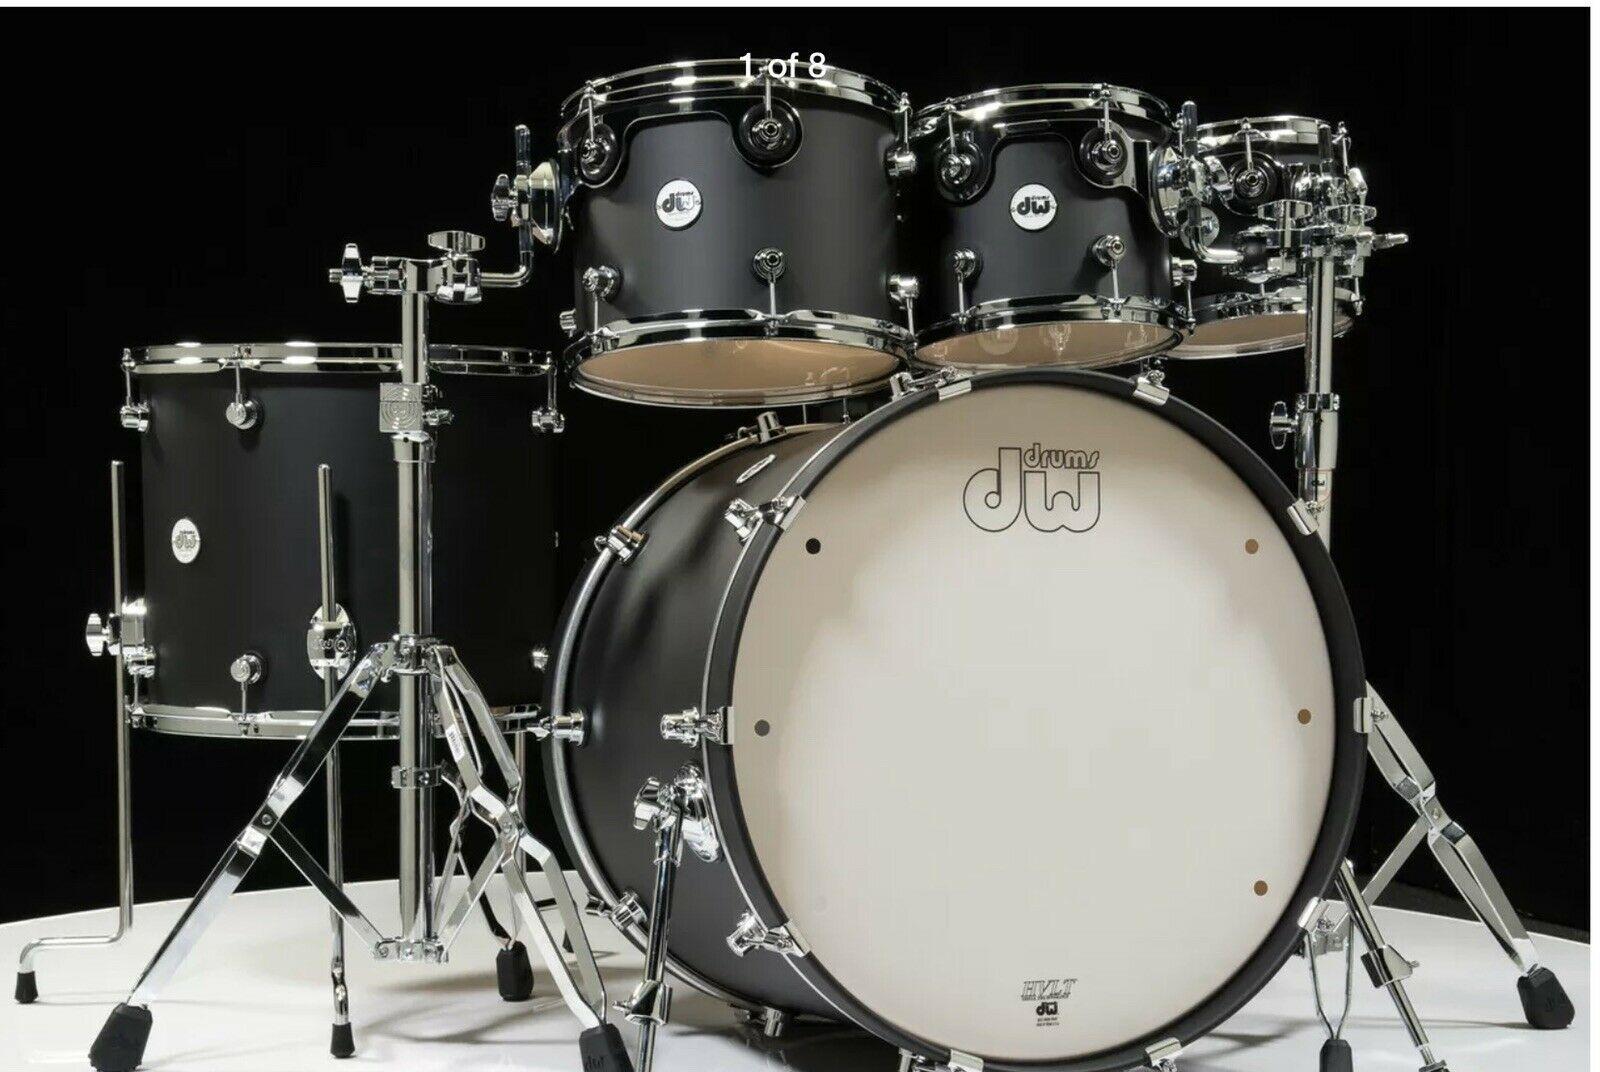 Dw drum set in 2020 drum set drums dw drums